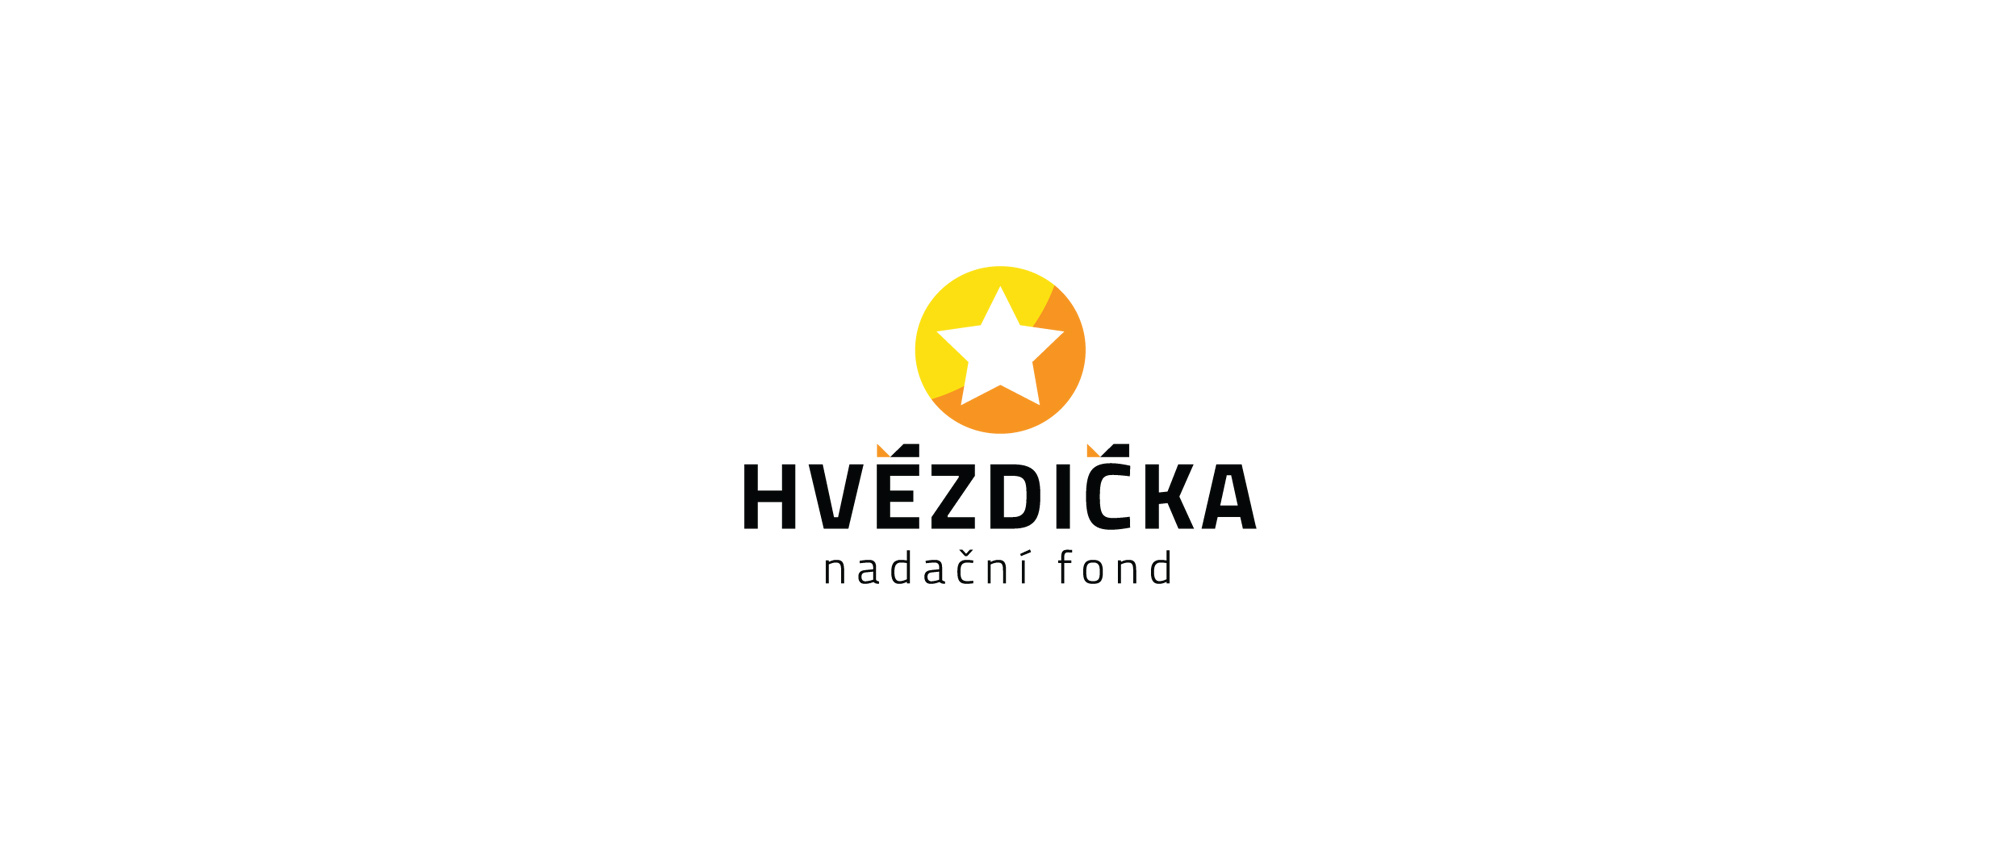 Nadační fond Hvězdička